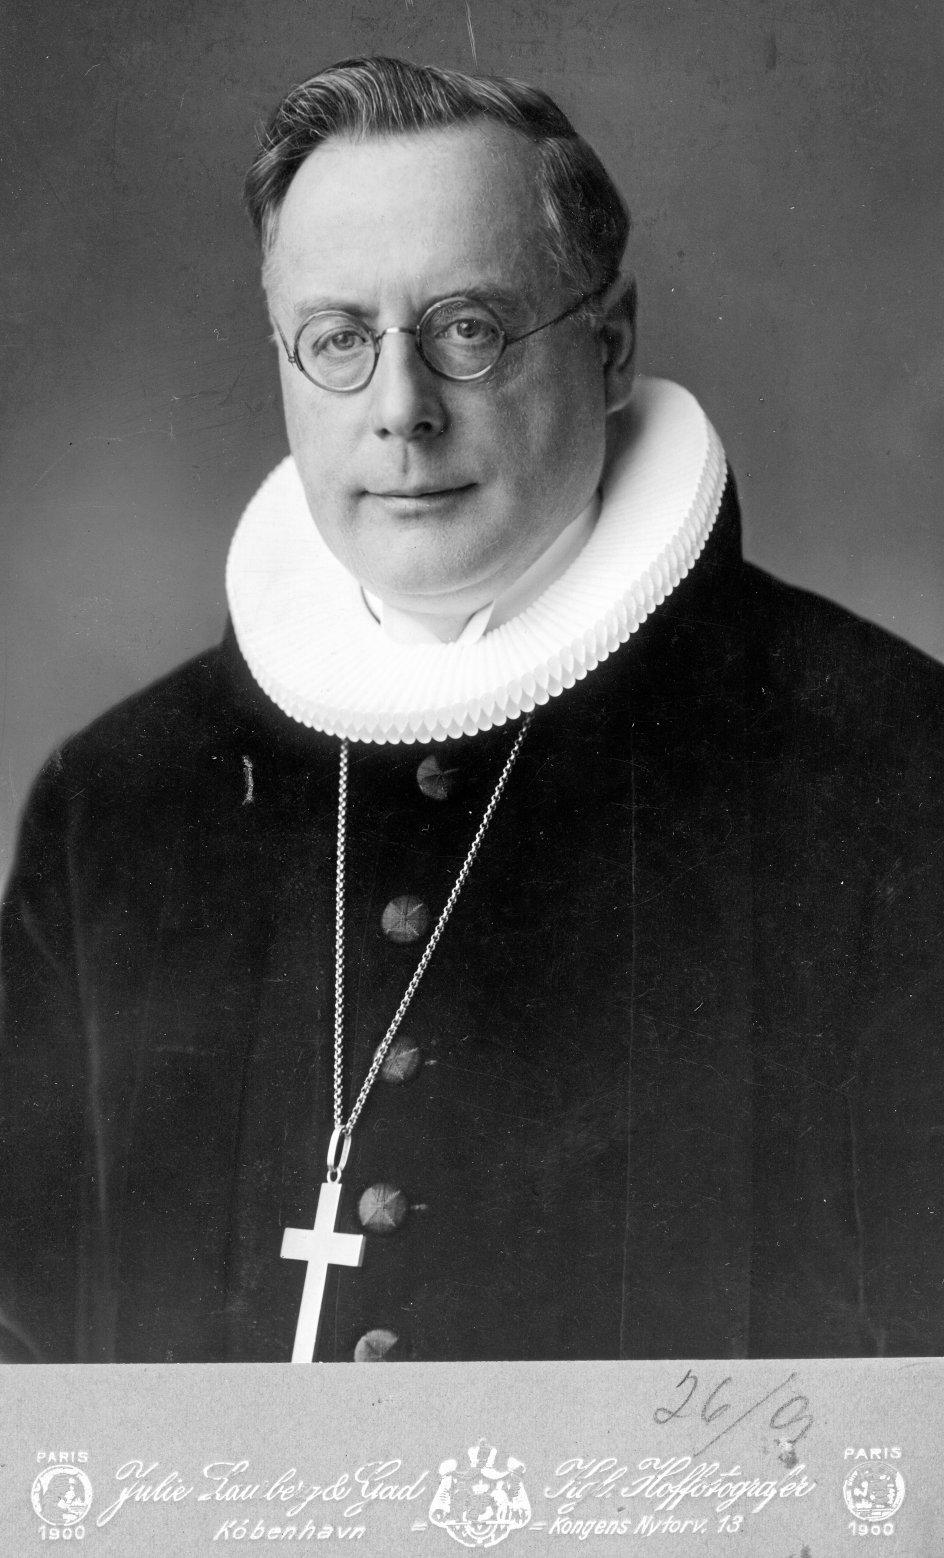 """""""Vi er af den opfattelse, at der burde laves en film om Fuglsang-Damgaards liv, og det vil vi arbejde videre med,"""" skriver dagens kronikører om biskop Hans Fuglsang-Damgaard (1890-1979). –"""